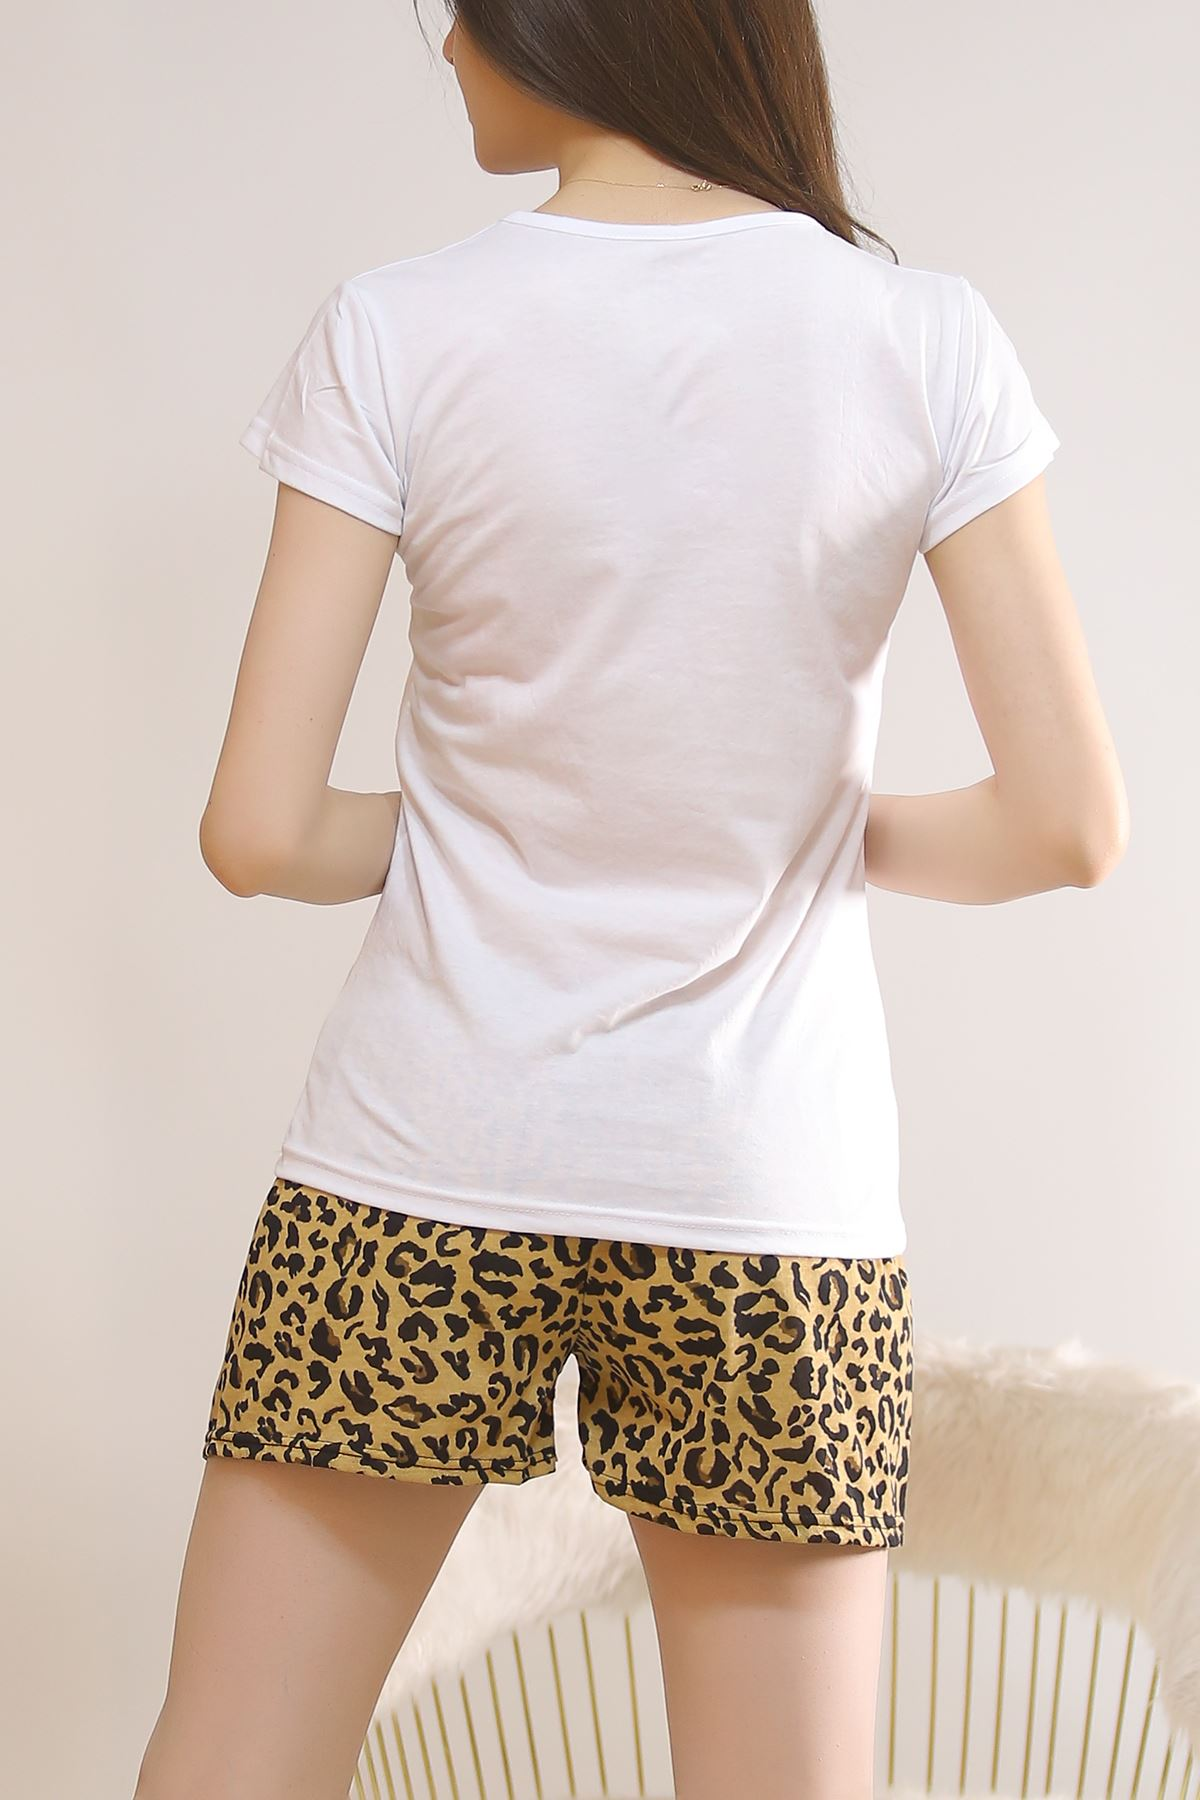 Şortlu Pijama Takımı Beyaz - 5815.102.